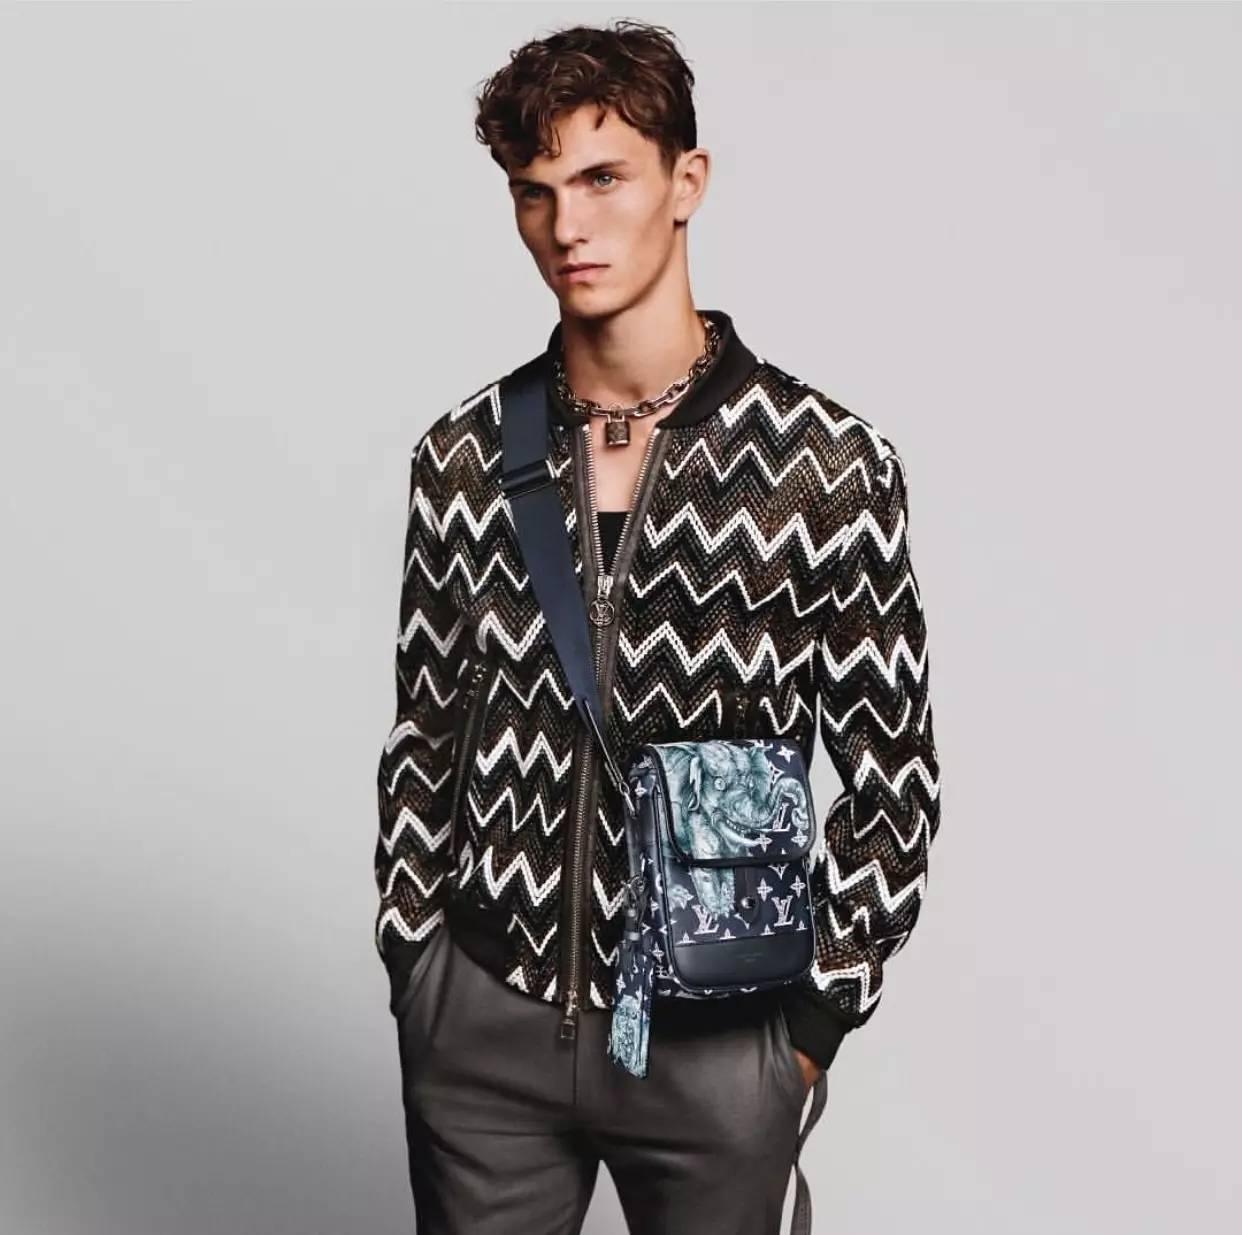 男人背小包真的就很娘吗?男士也很流行背小包 男士时尚 图12